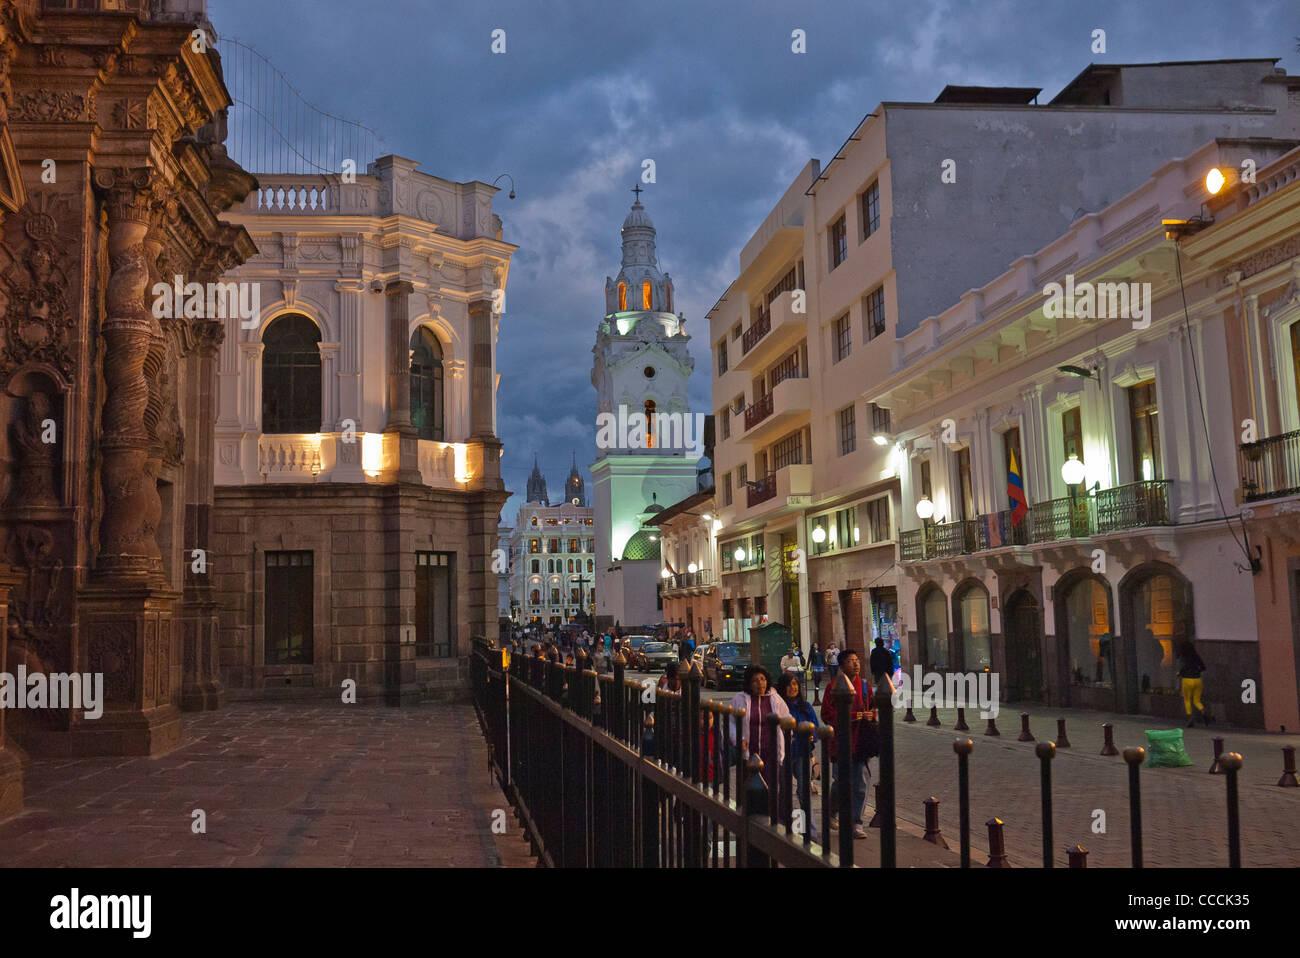 La noche escena en la calle en frente de la iglesia de La Compañía de Jesús en el centro histórico Imagen De Stock